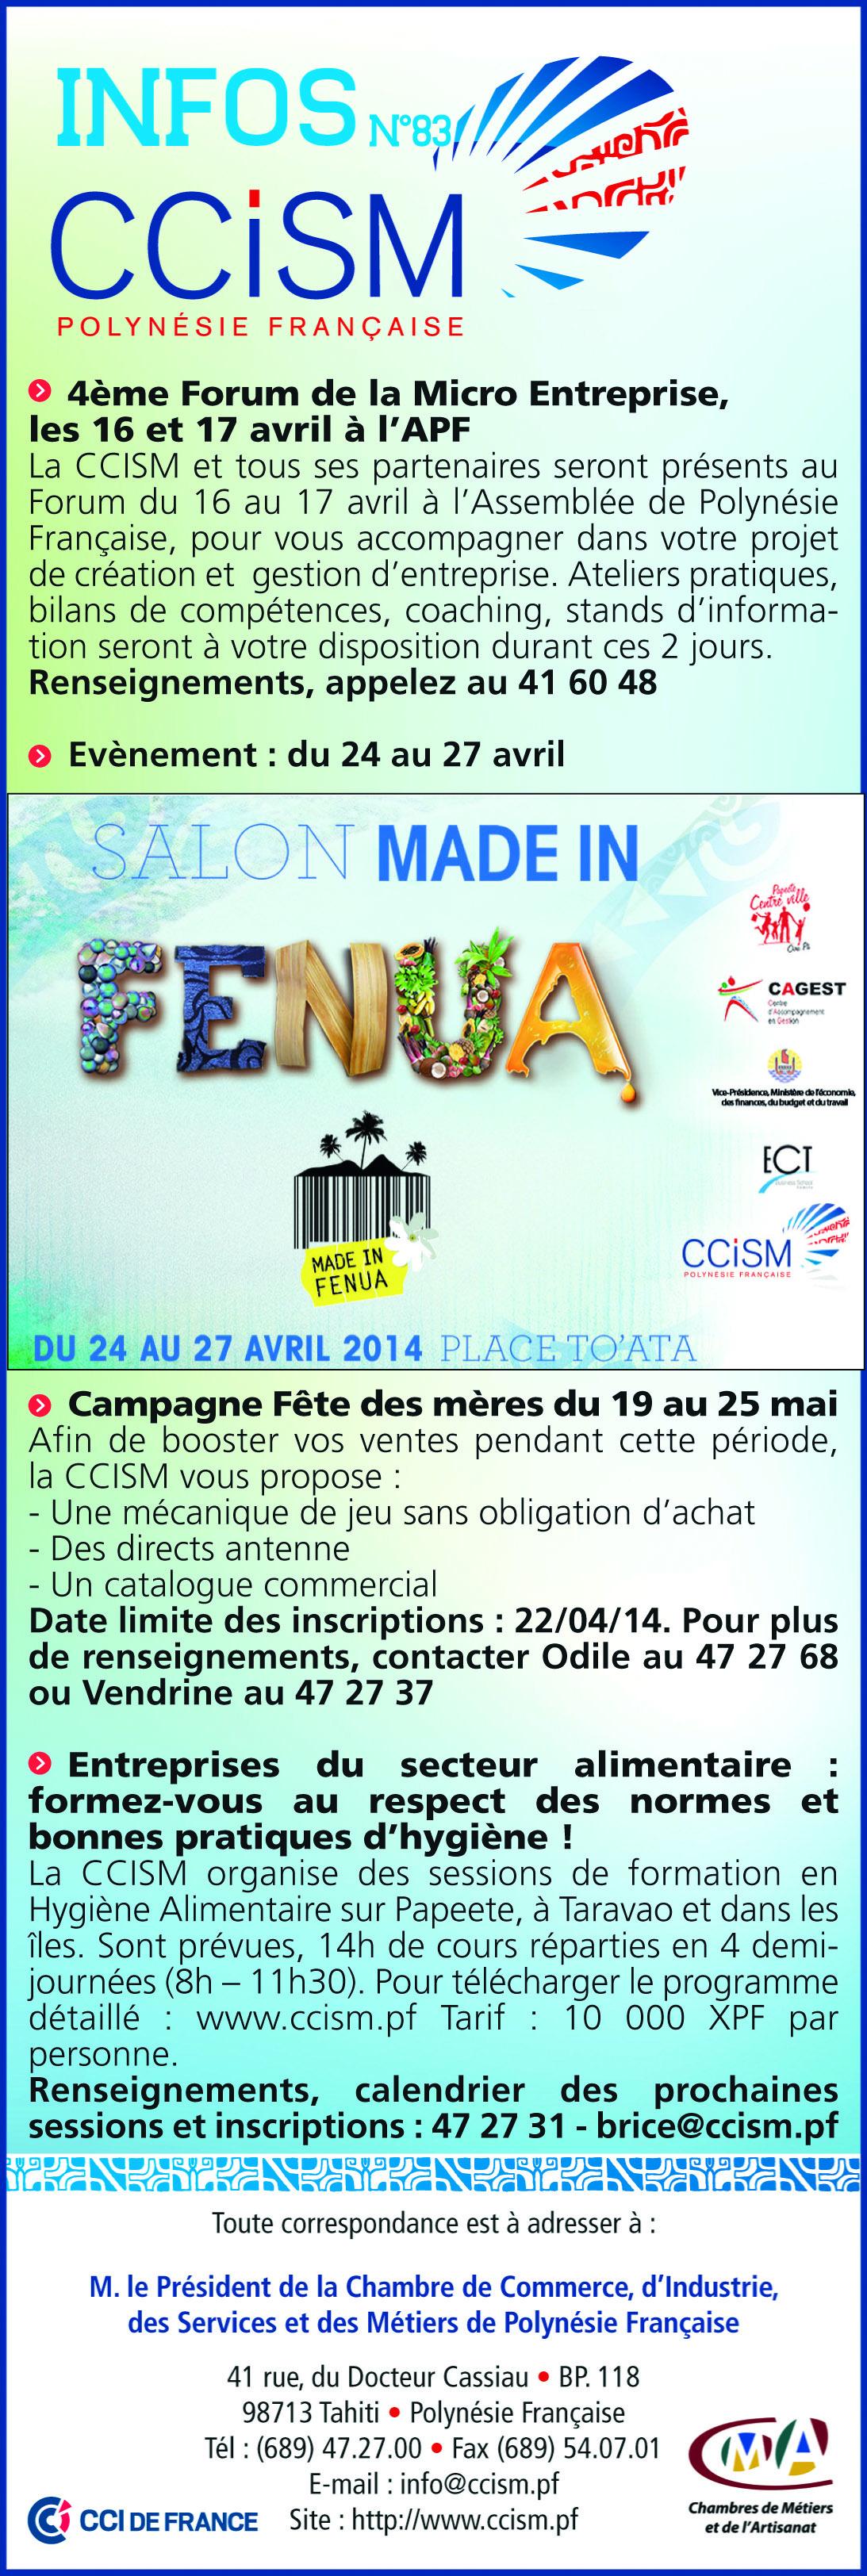 Infos CCISM N°83